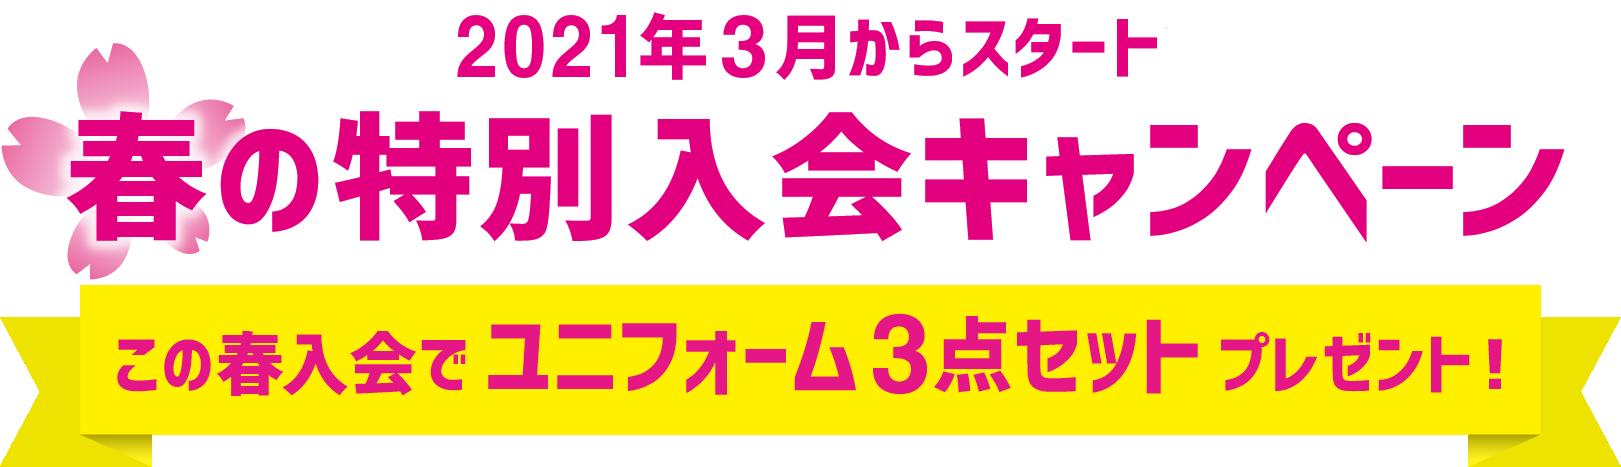 春の特別入会キャンペーン2021